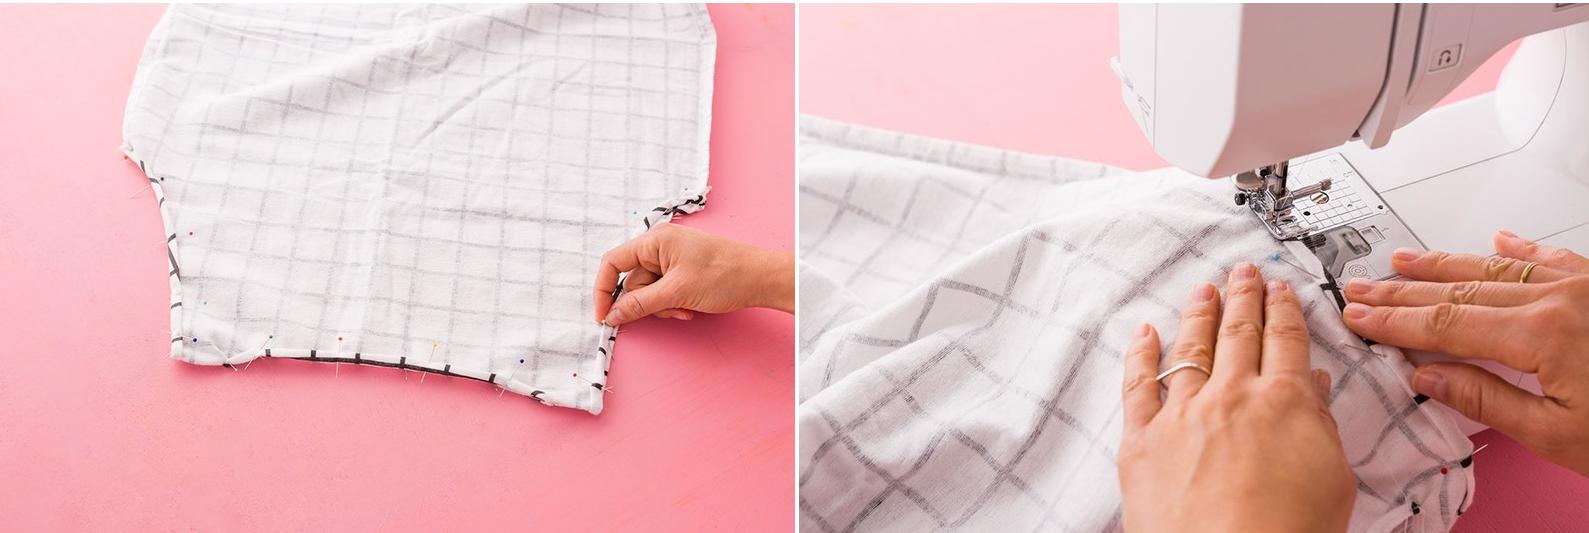 Como hacer blusas ligeras con fundas para almohadas en 3 simples pasos4